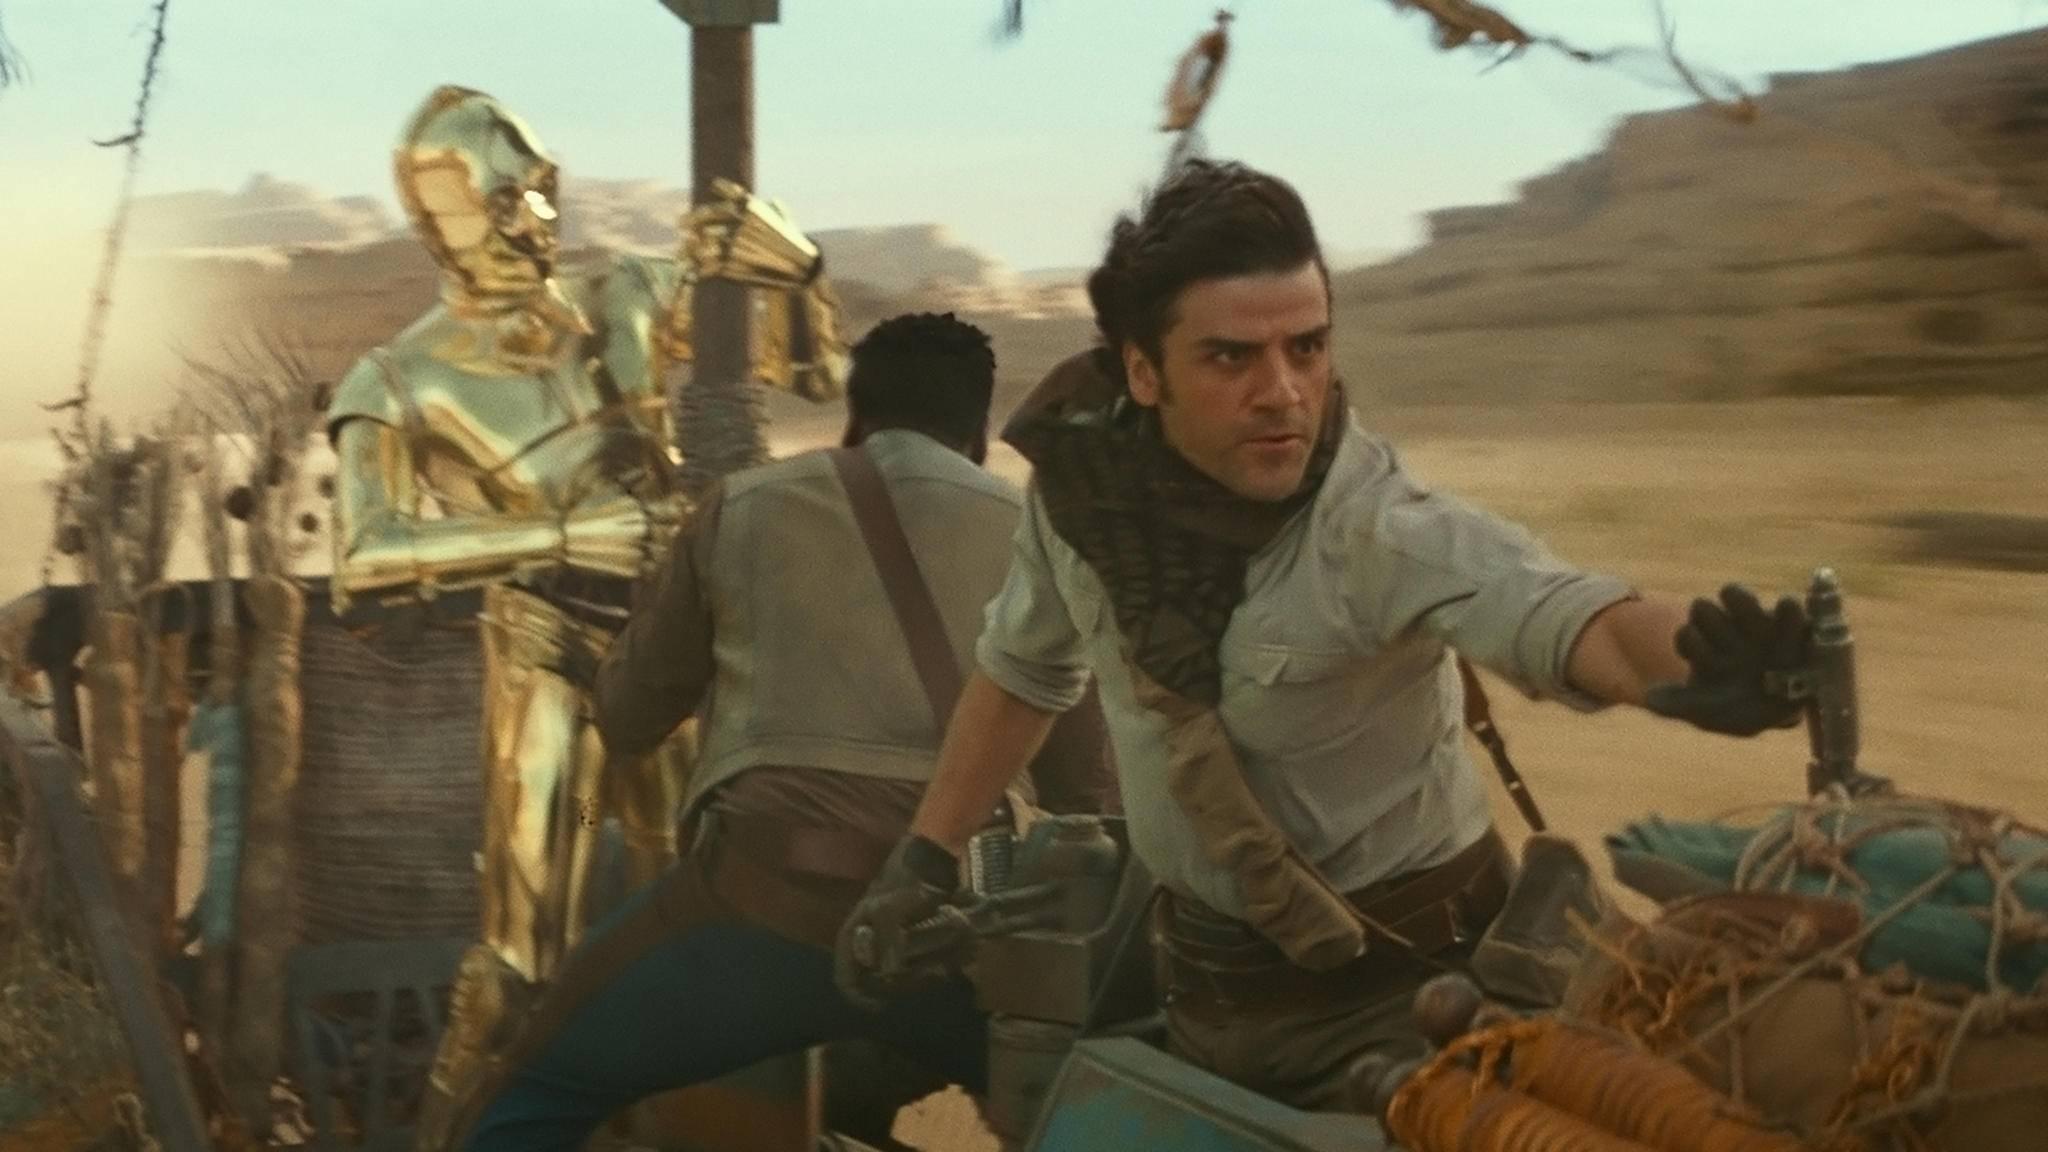 Poe und Finn liefern sich eine wilde Jagd – aber mit wem?